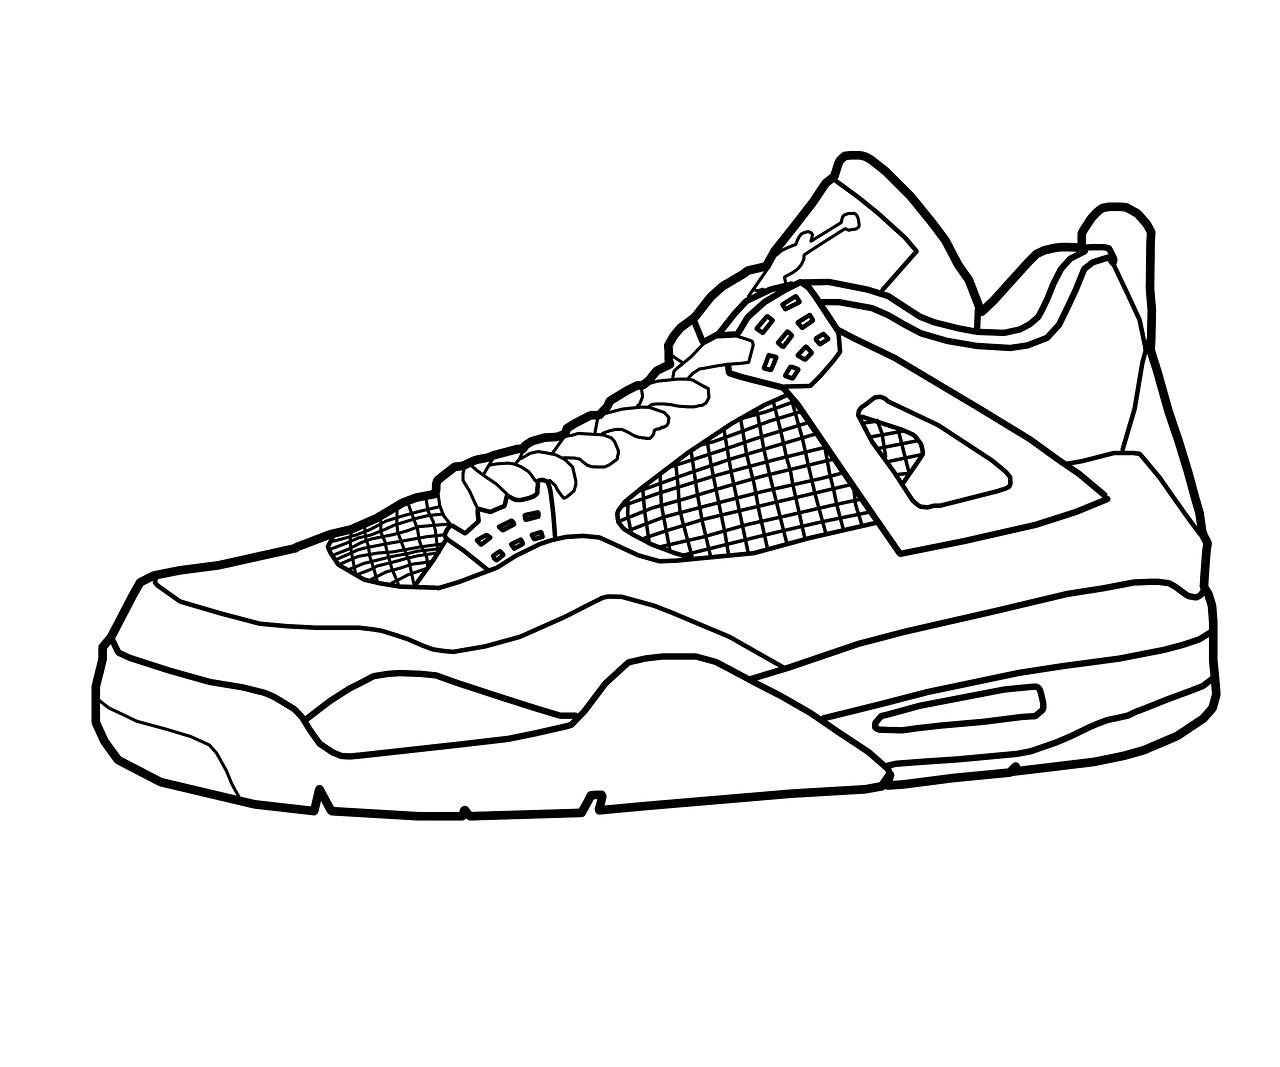 Drawing Jordans Shoes Coloring Pages | jordans | Pinterest